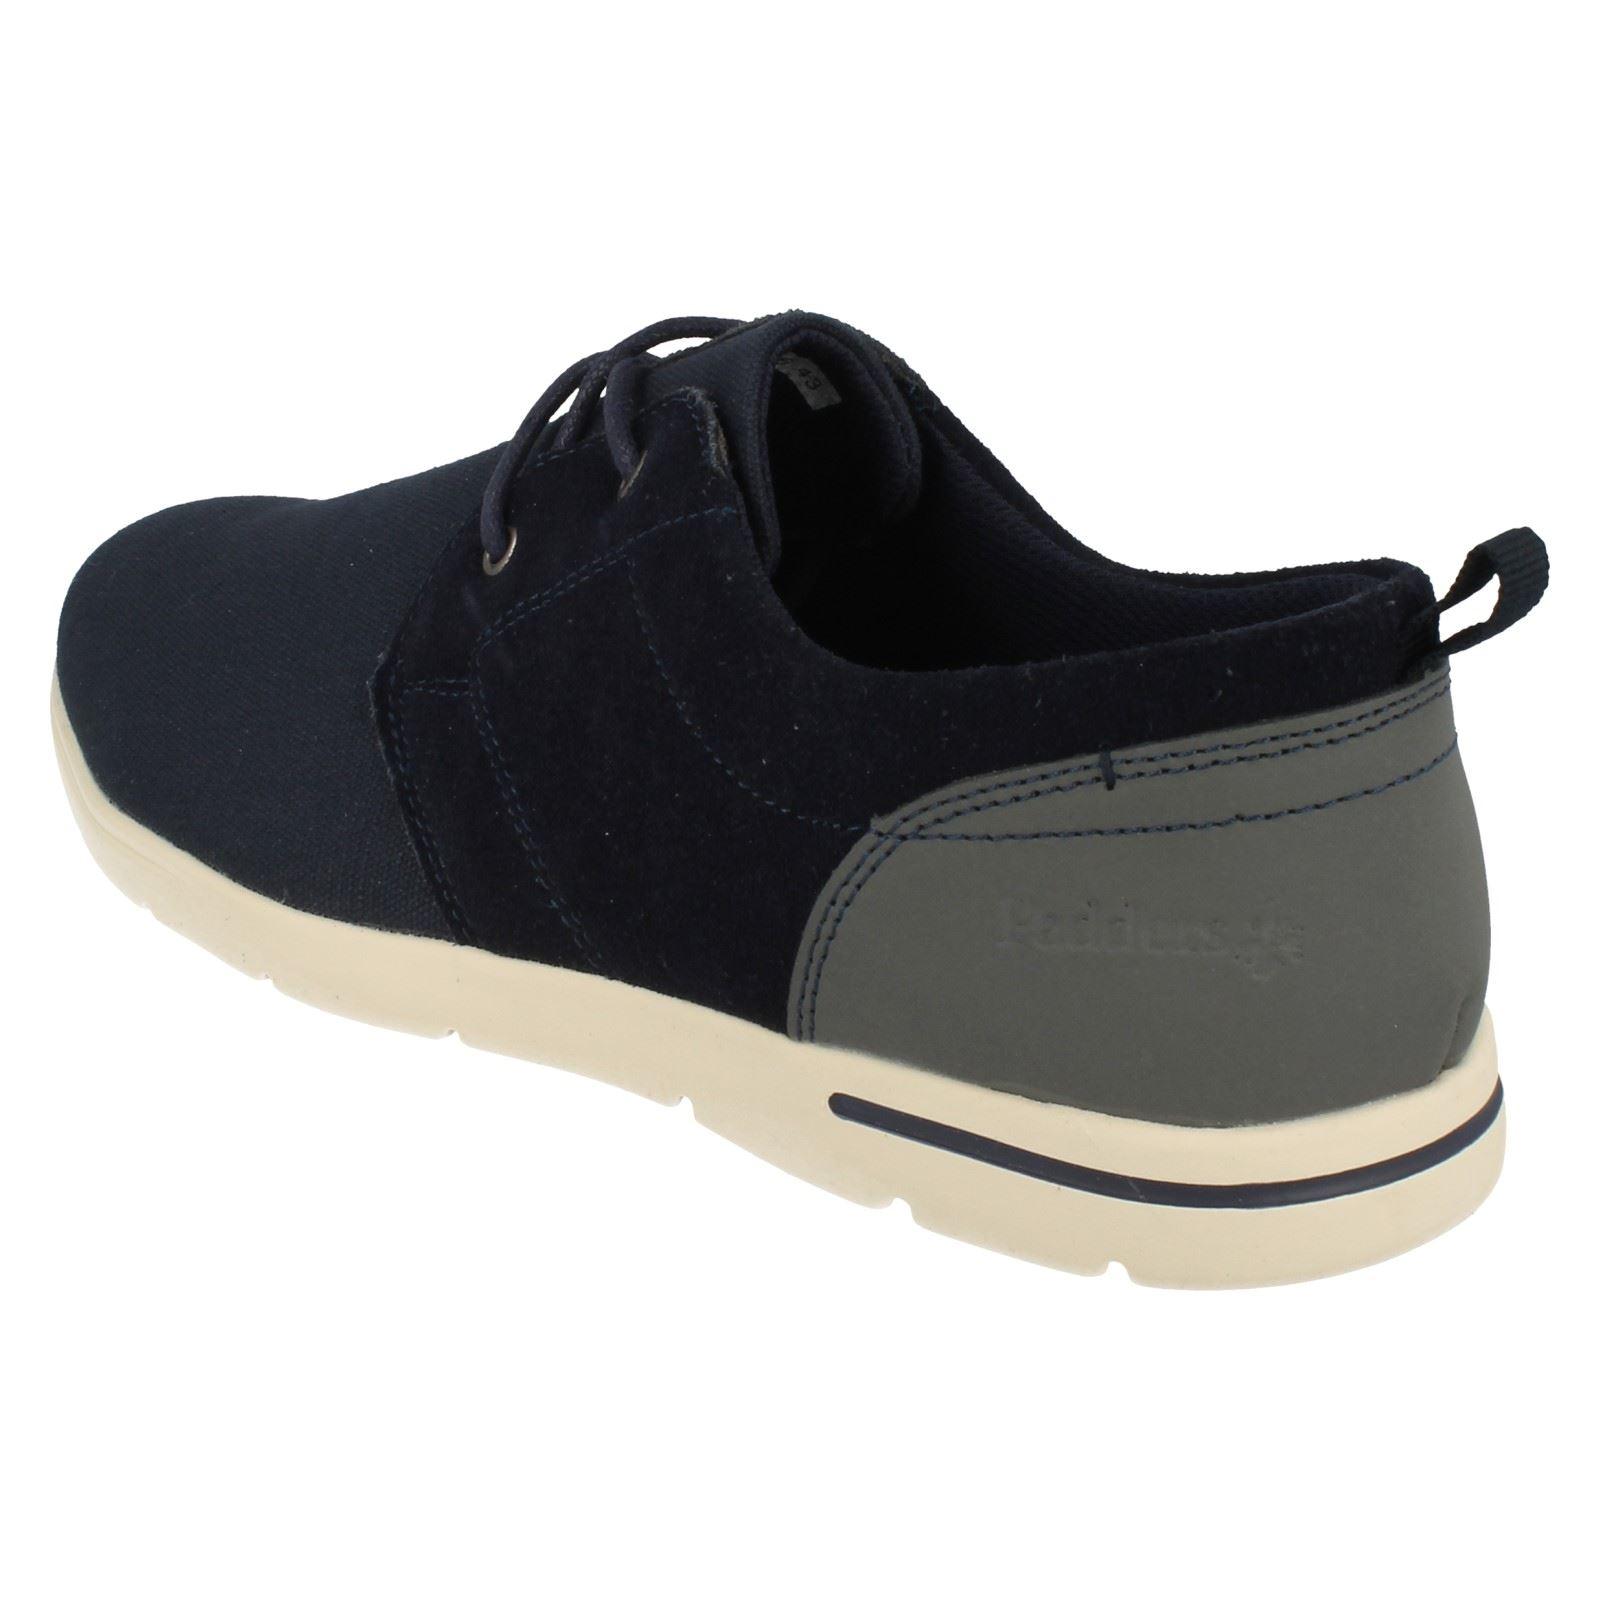 Zapatos Informales con Cordones para Hombre Padders Liam